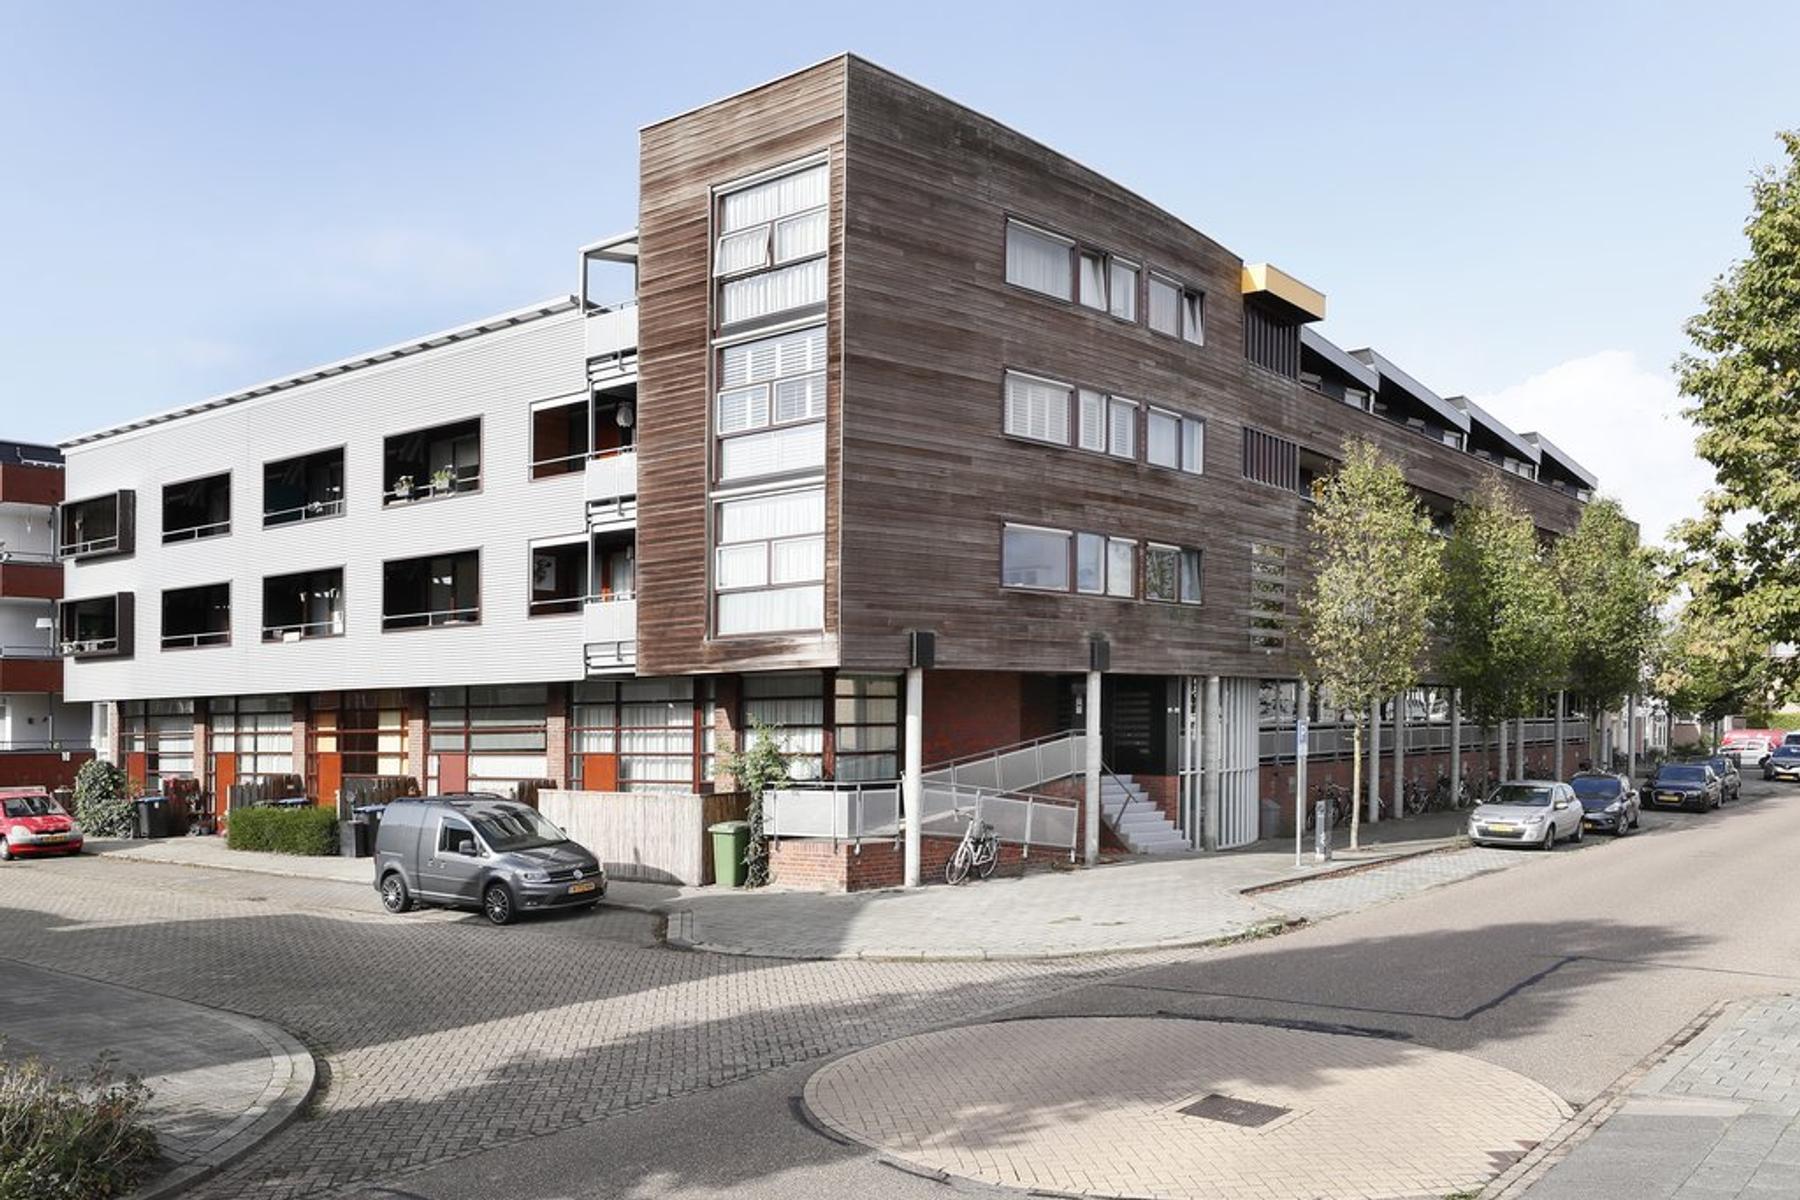 Dommelstraat 153 in 'S-Hertogenbosch 5215 BL